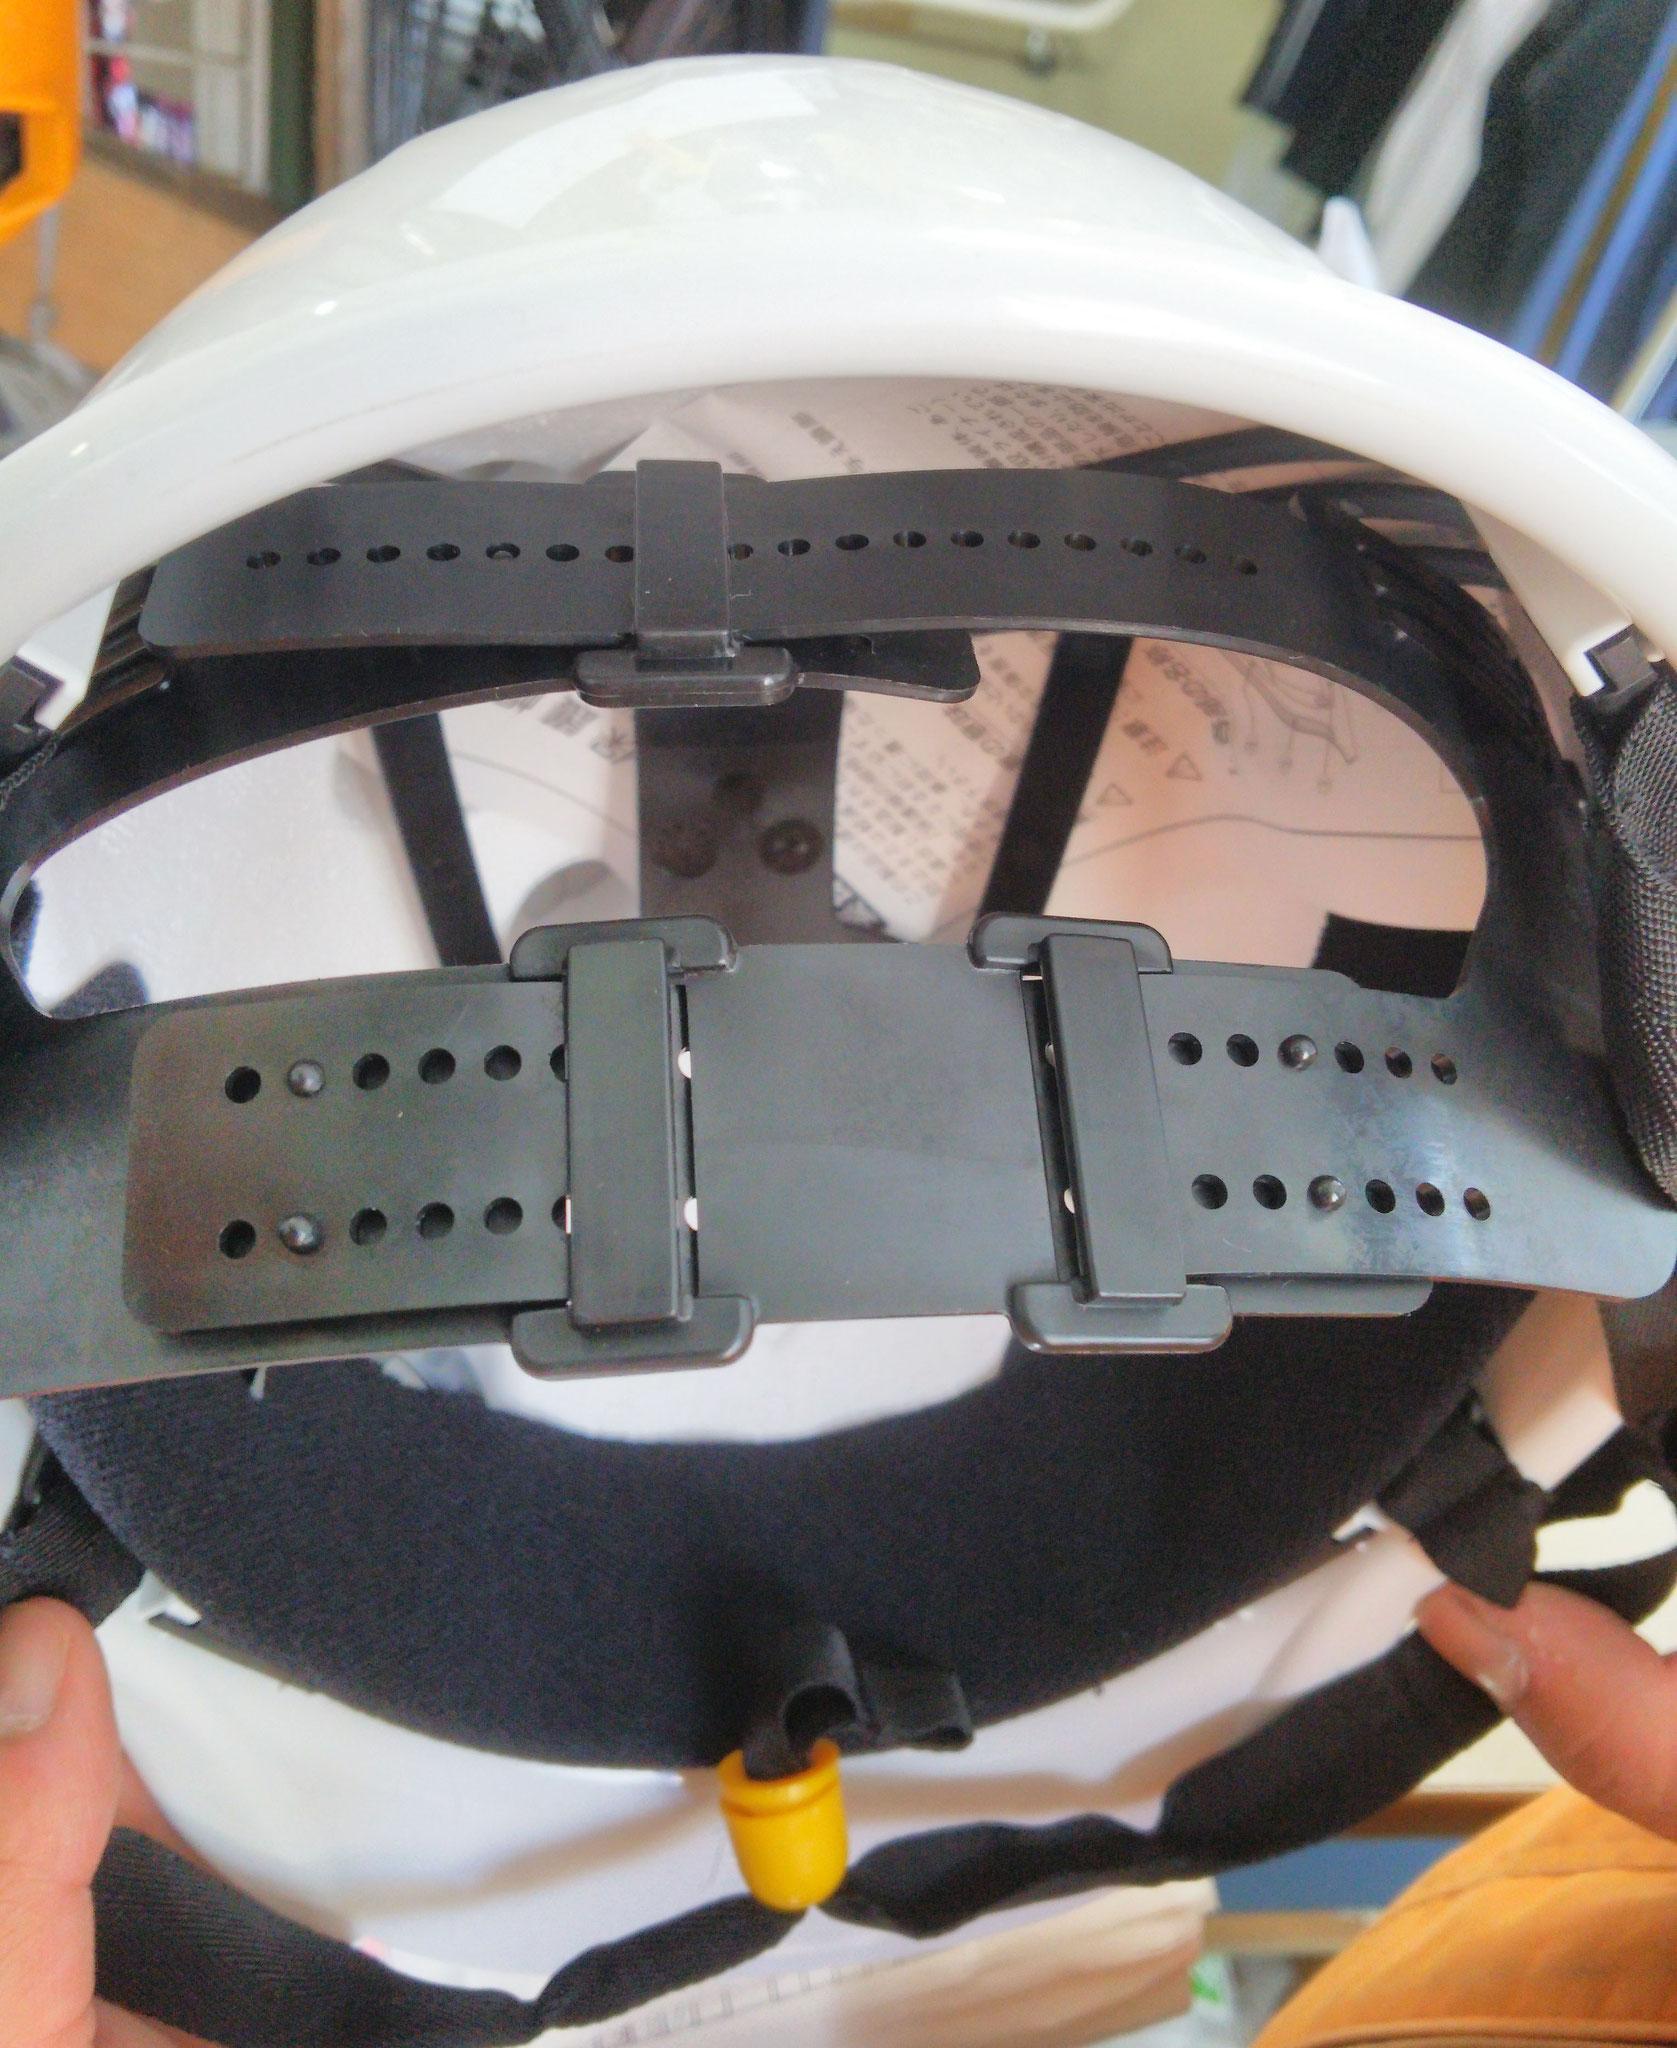 KAGAヘルメット アメリカン型BS-1Pライナー入 FB型ヘッドバンドで便利です。